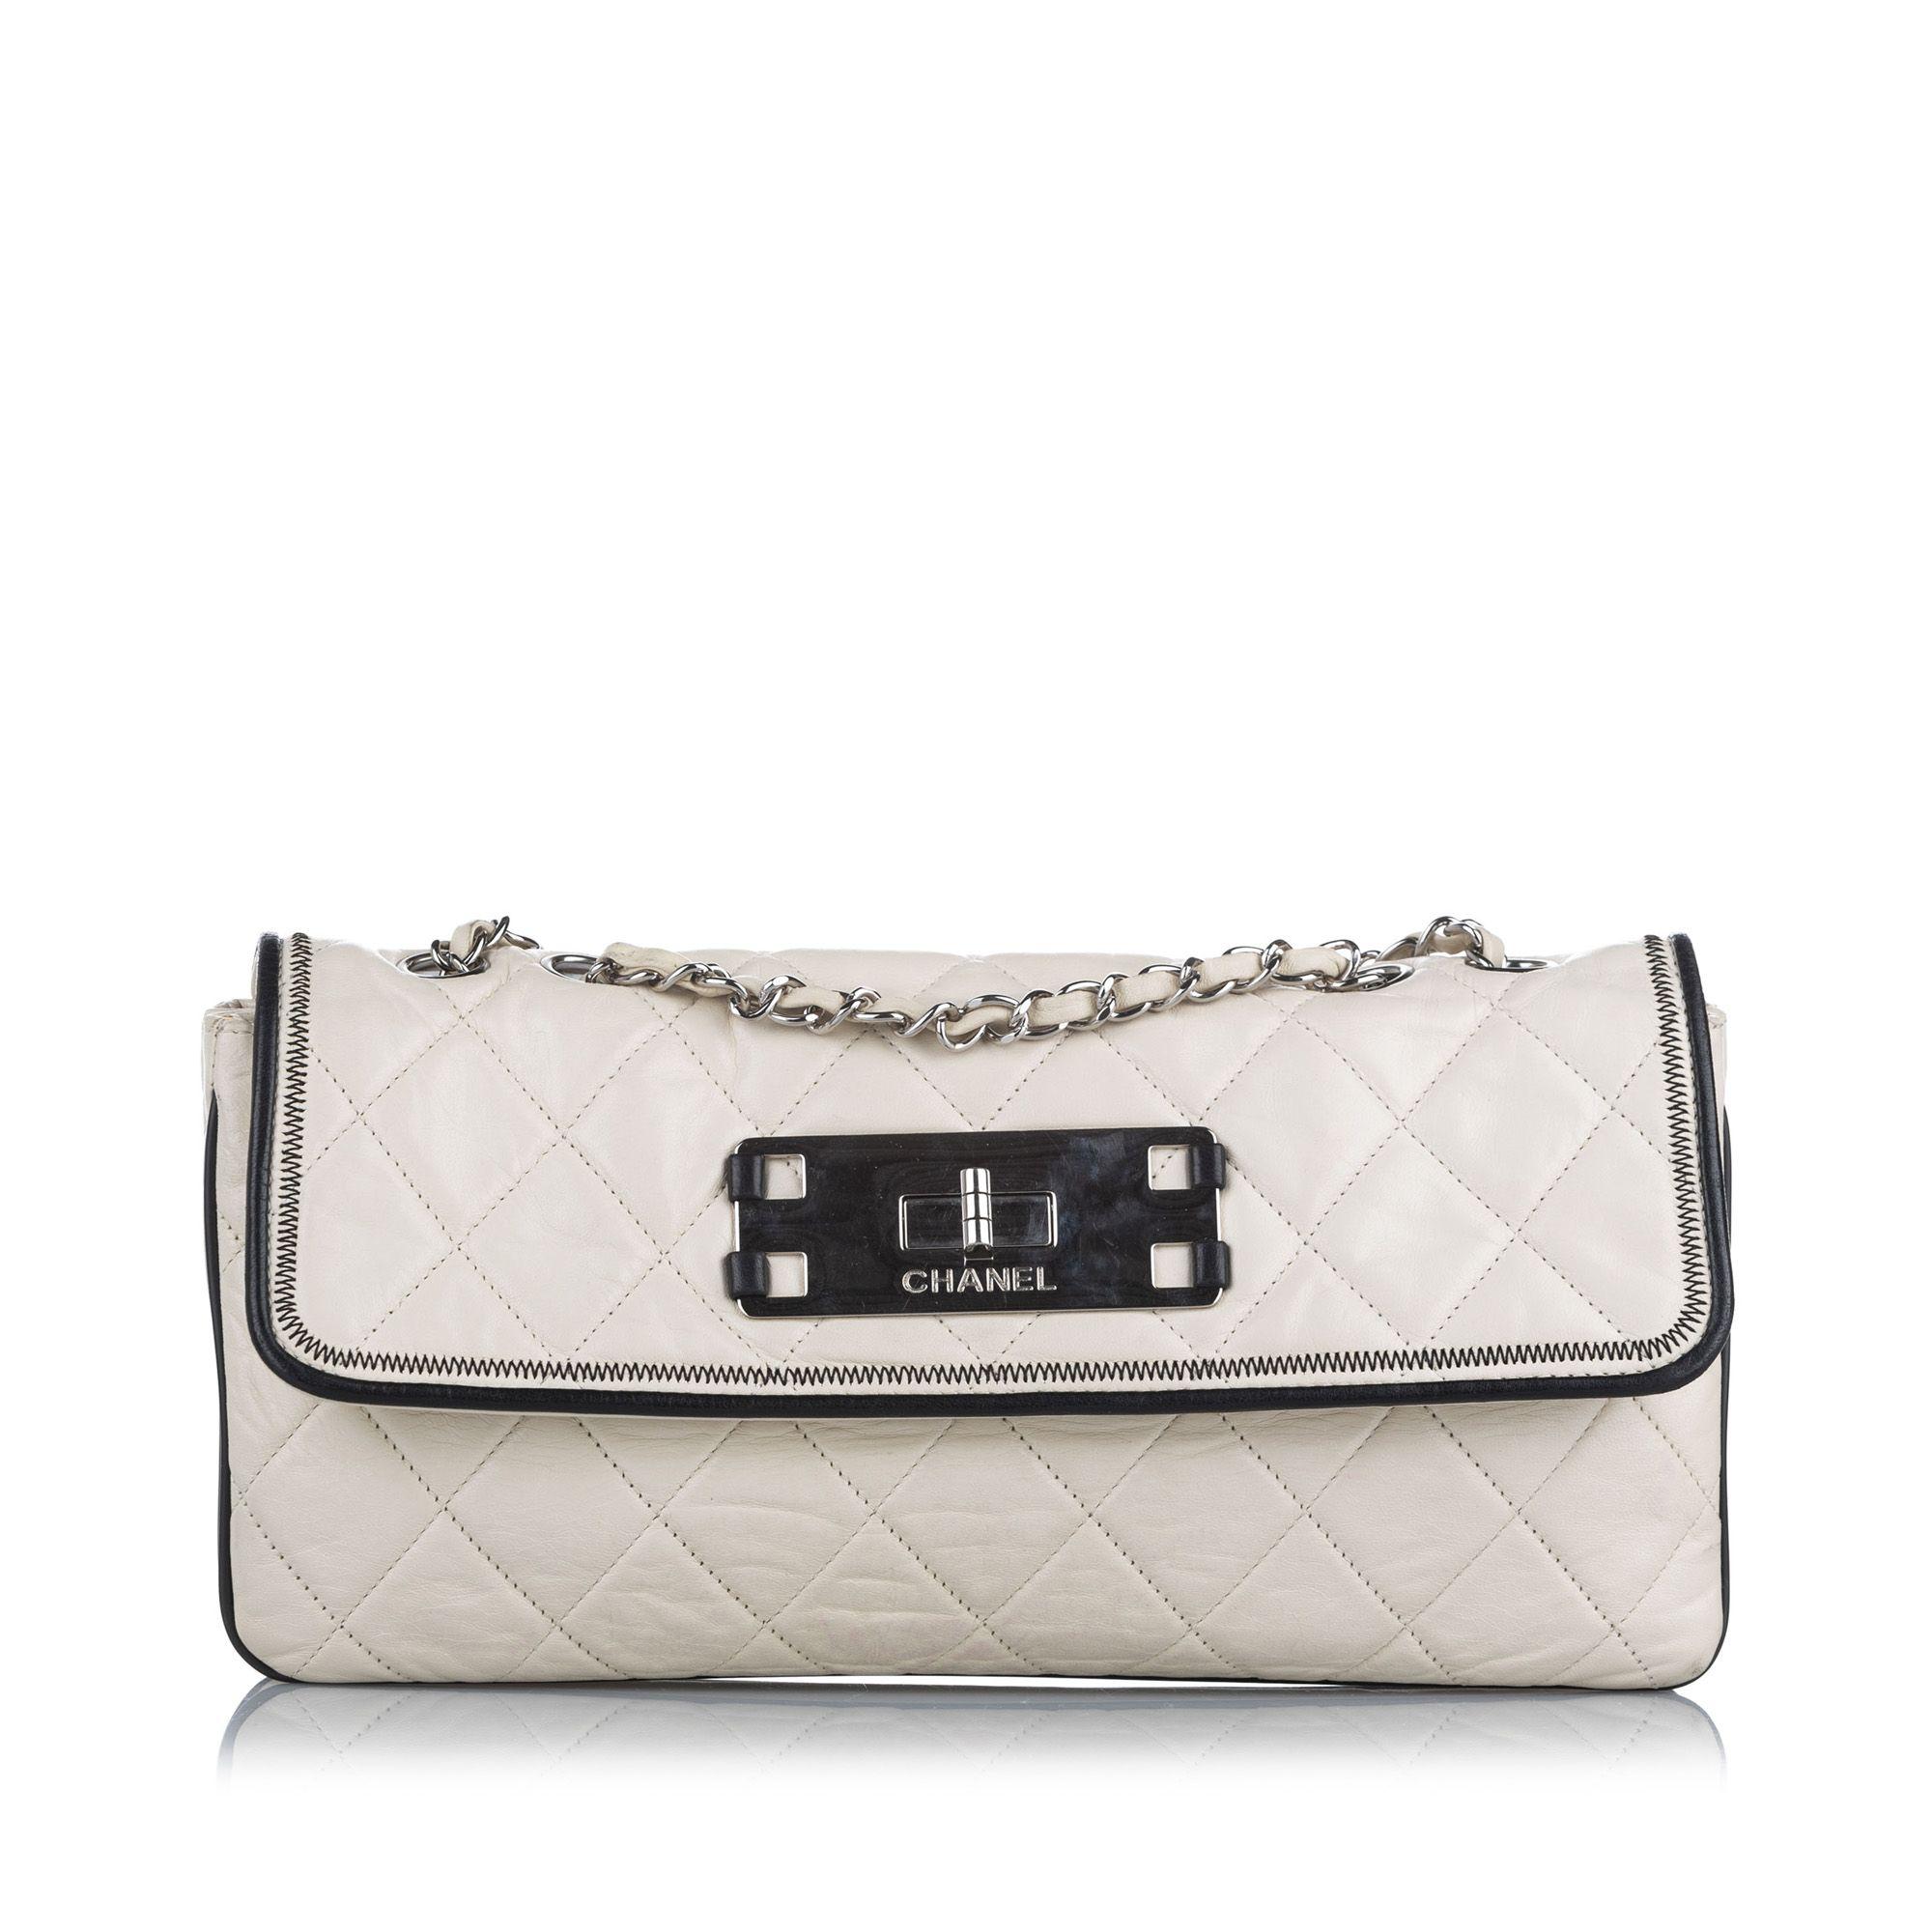 Vintage Chanel Matelasse Reissue Leather Shoulder Bag White